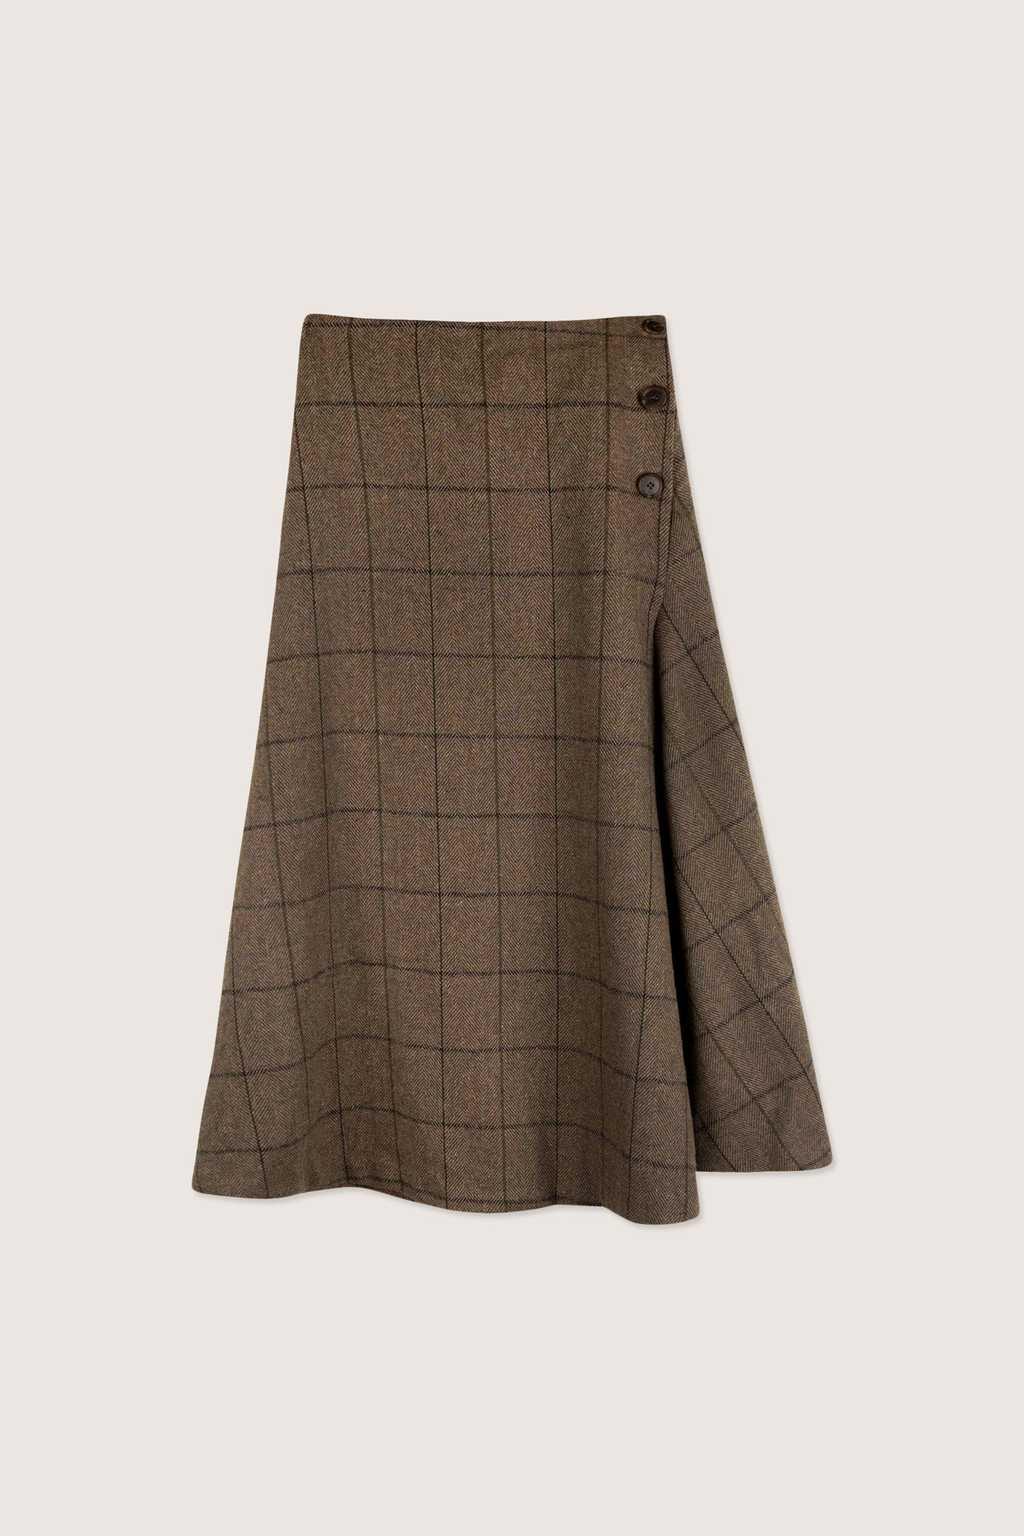 Skirt H176 Brown 5